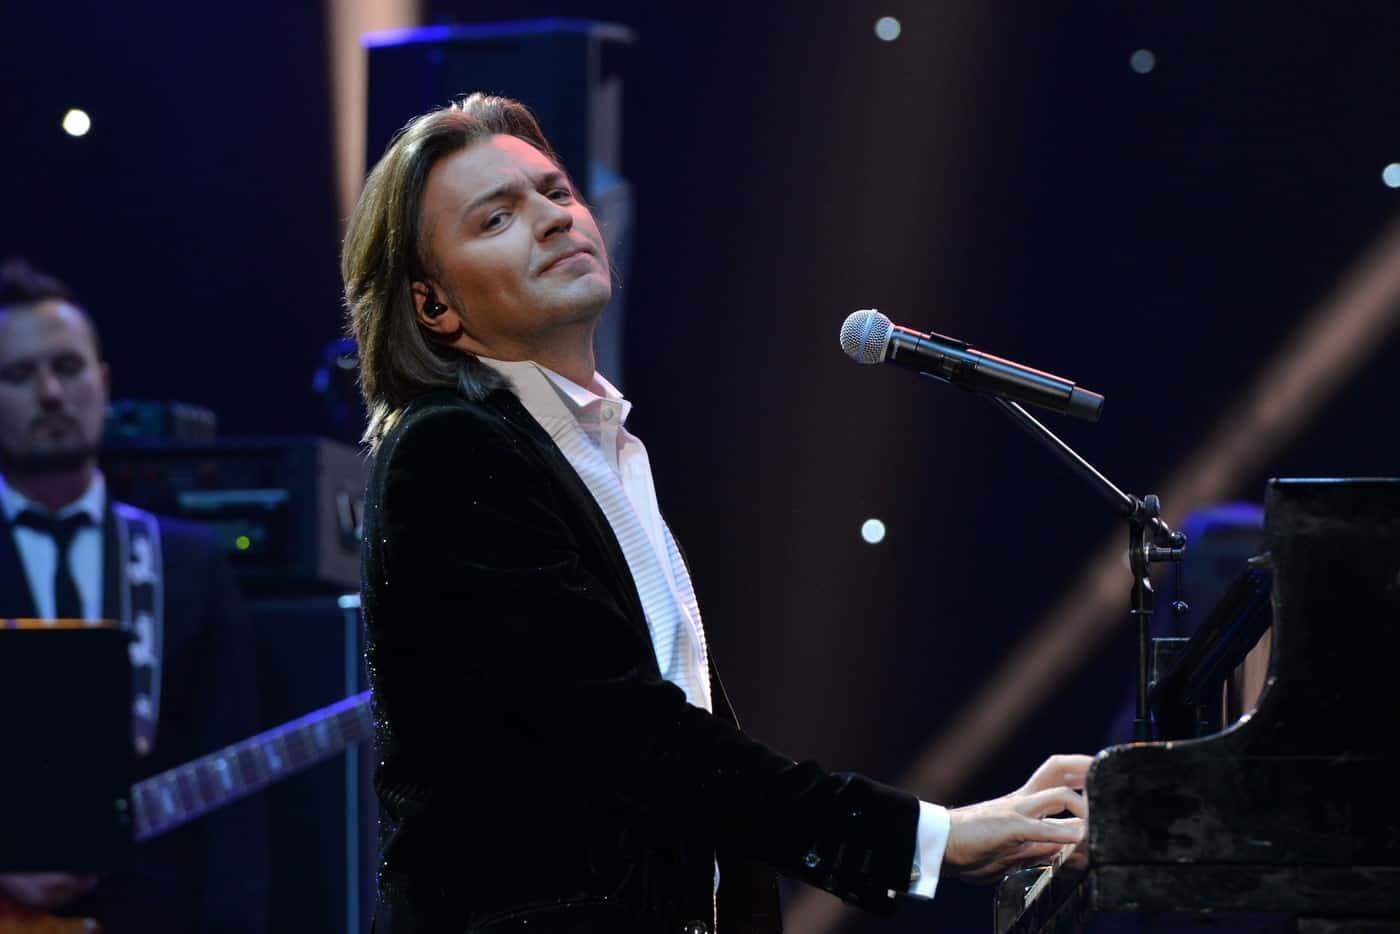 Концерт Дмитрия Маликова«Pianomaniя» в Москве